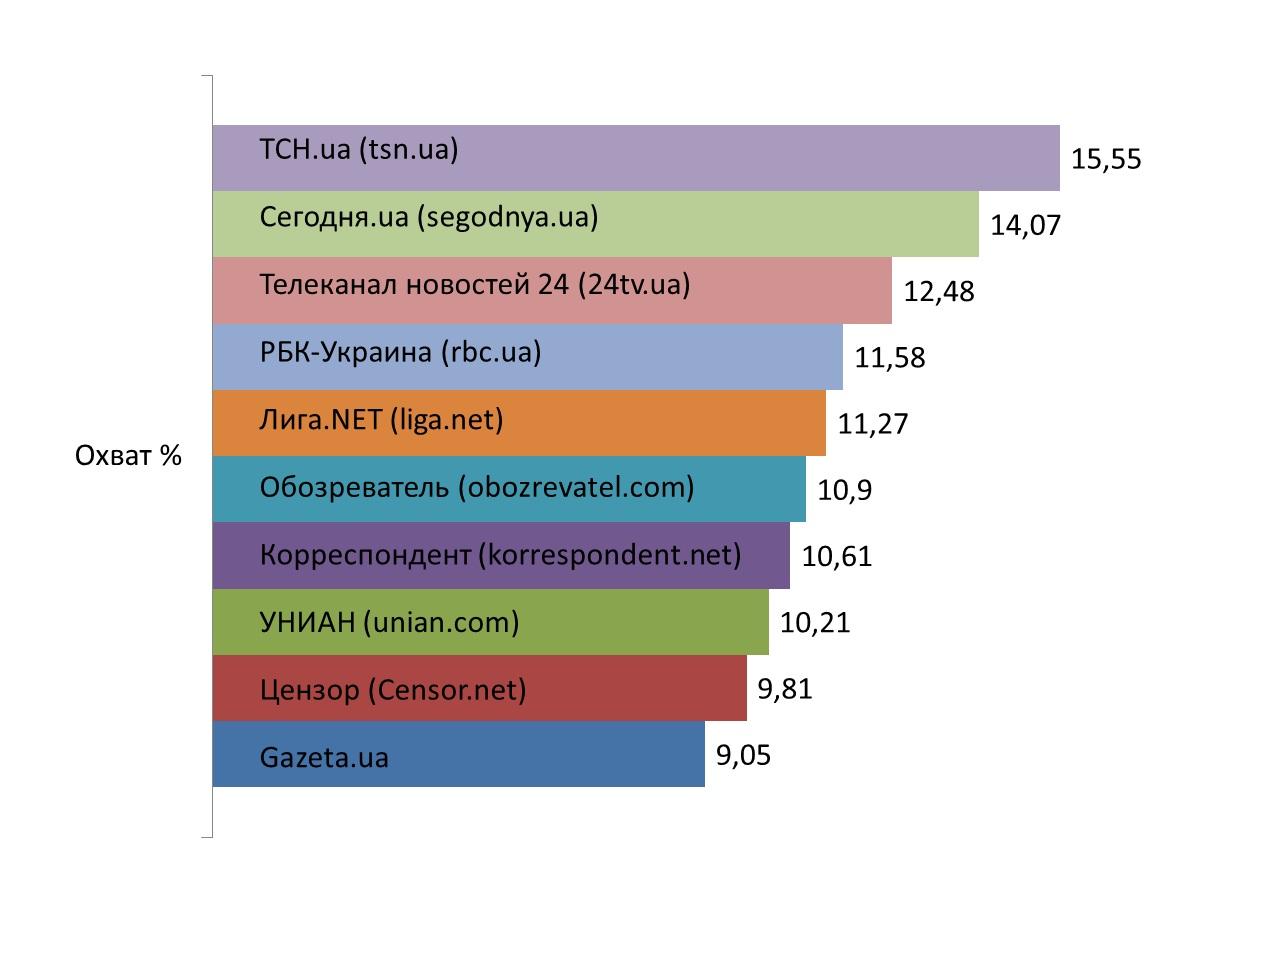 Сайты коммерческой недвижимости россии топ самые популярные севастопольский сайт закупок